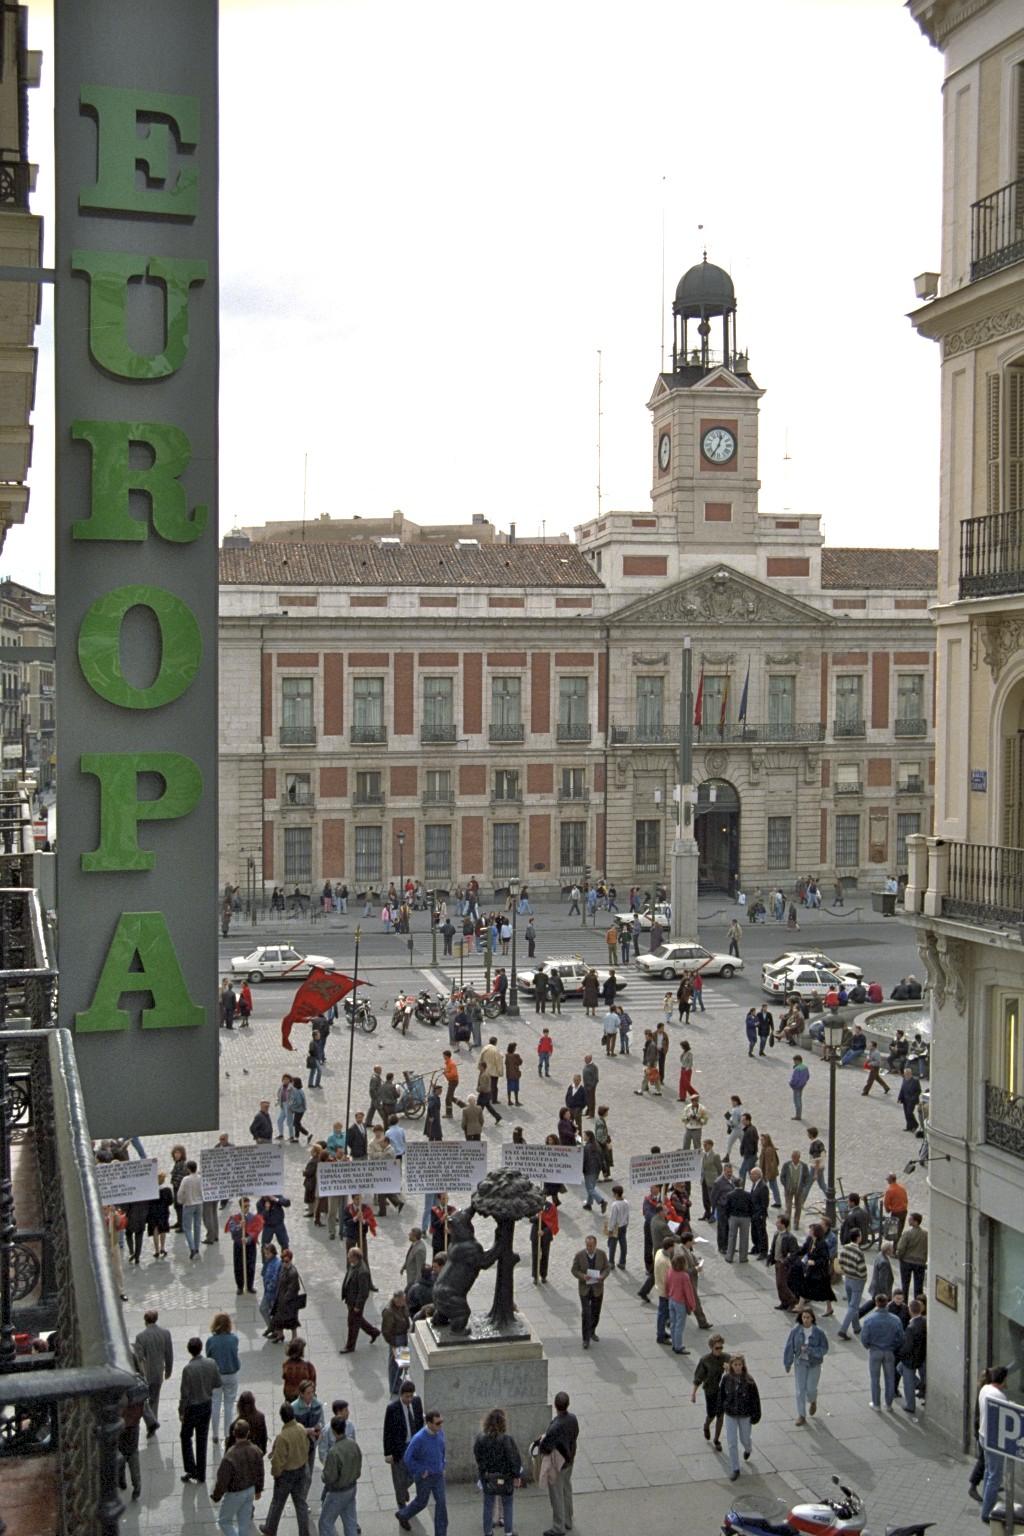 Plaza Puerta del Sol, Madrid 4